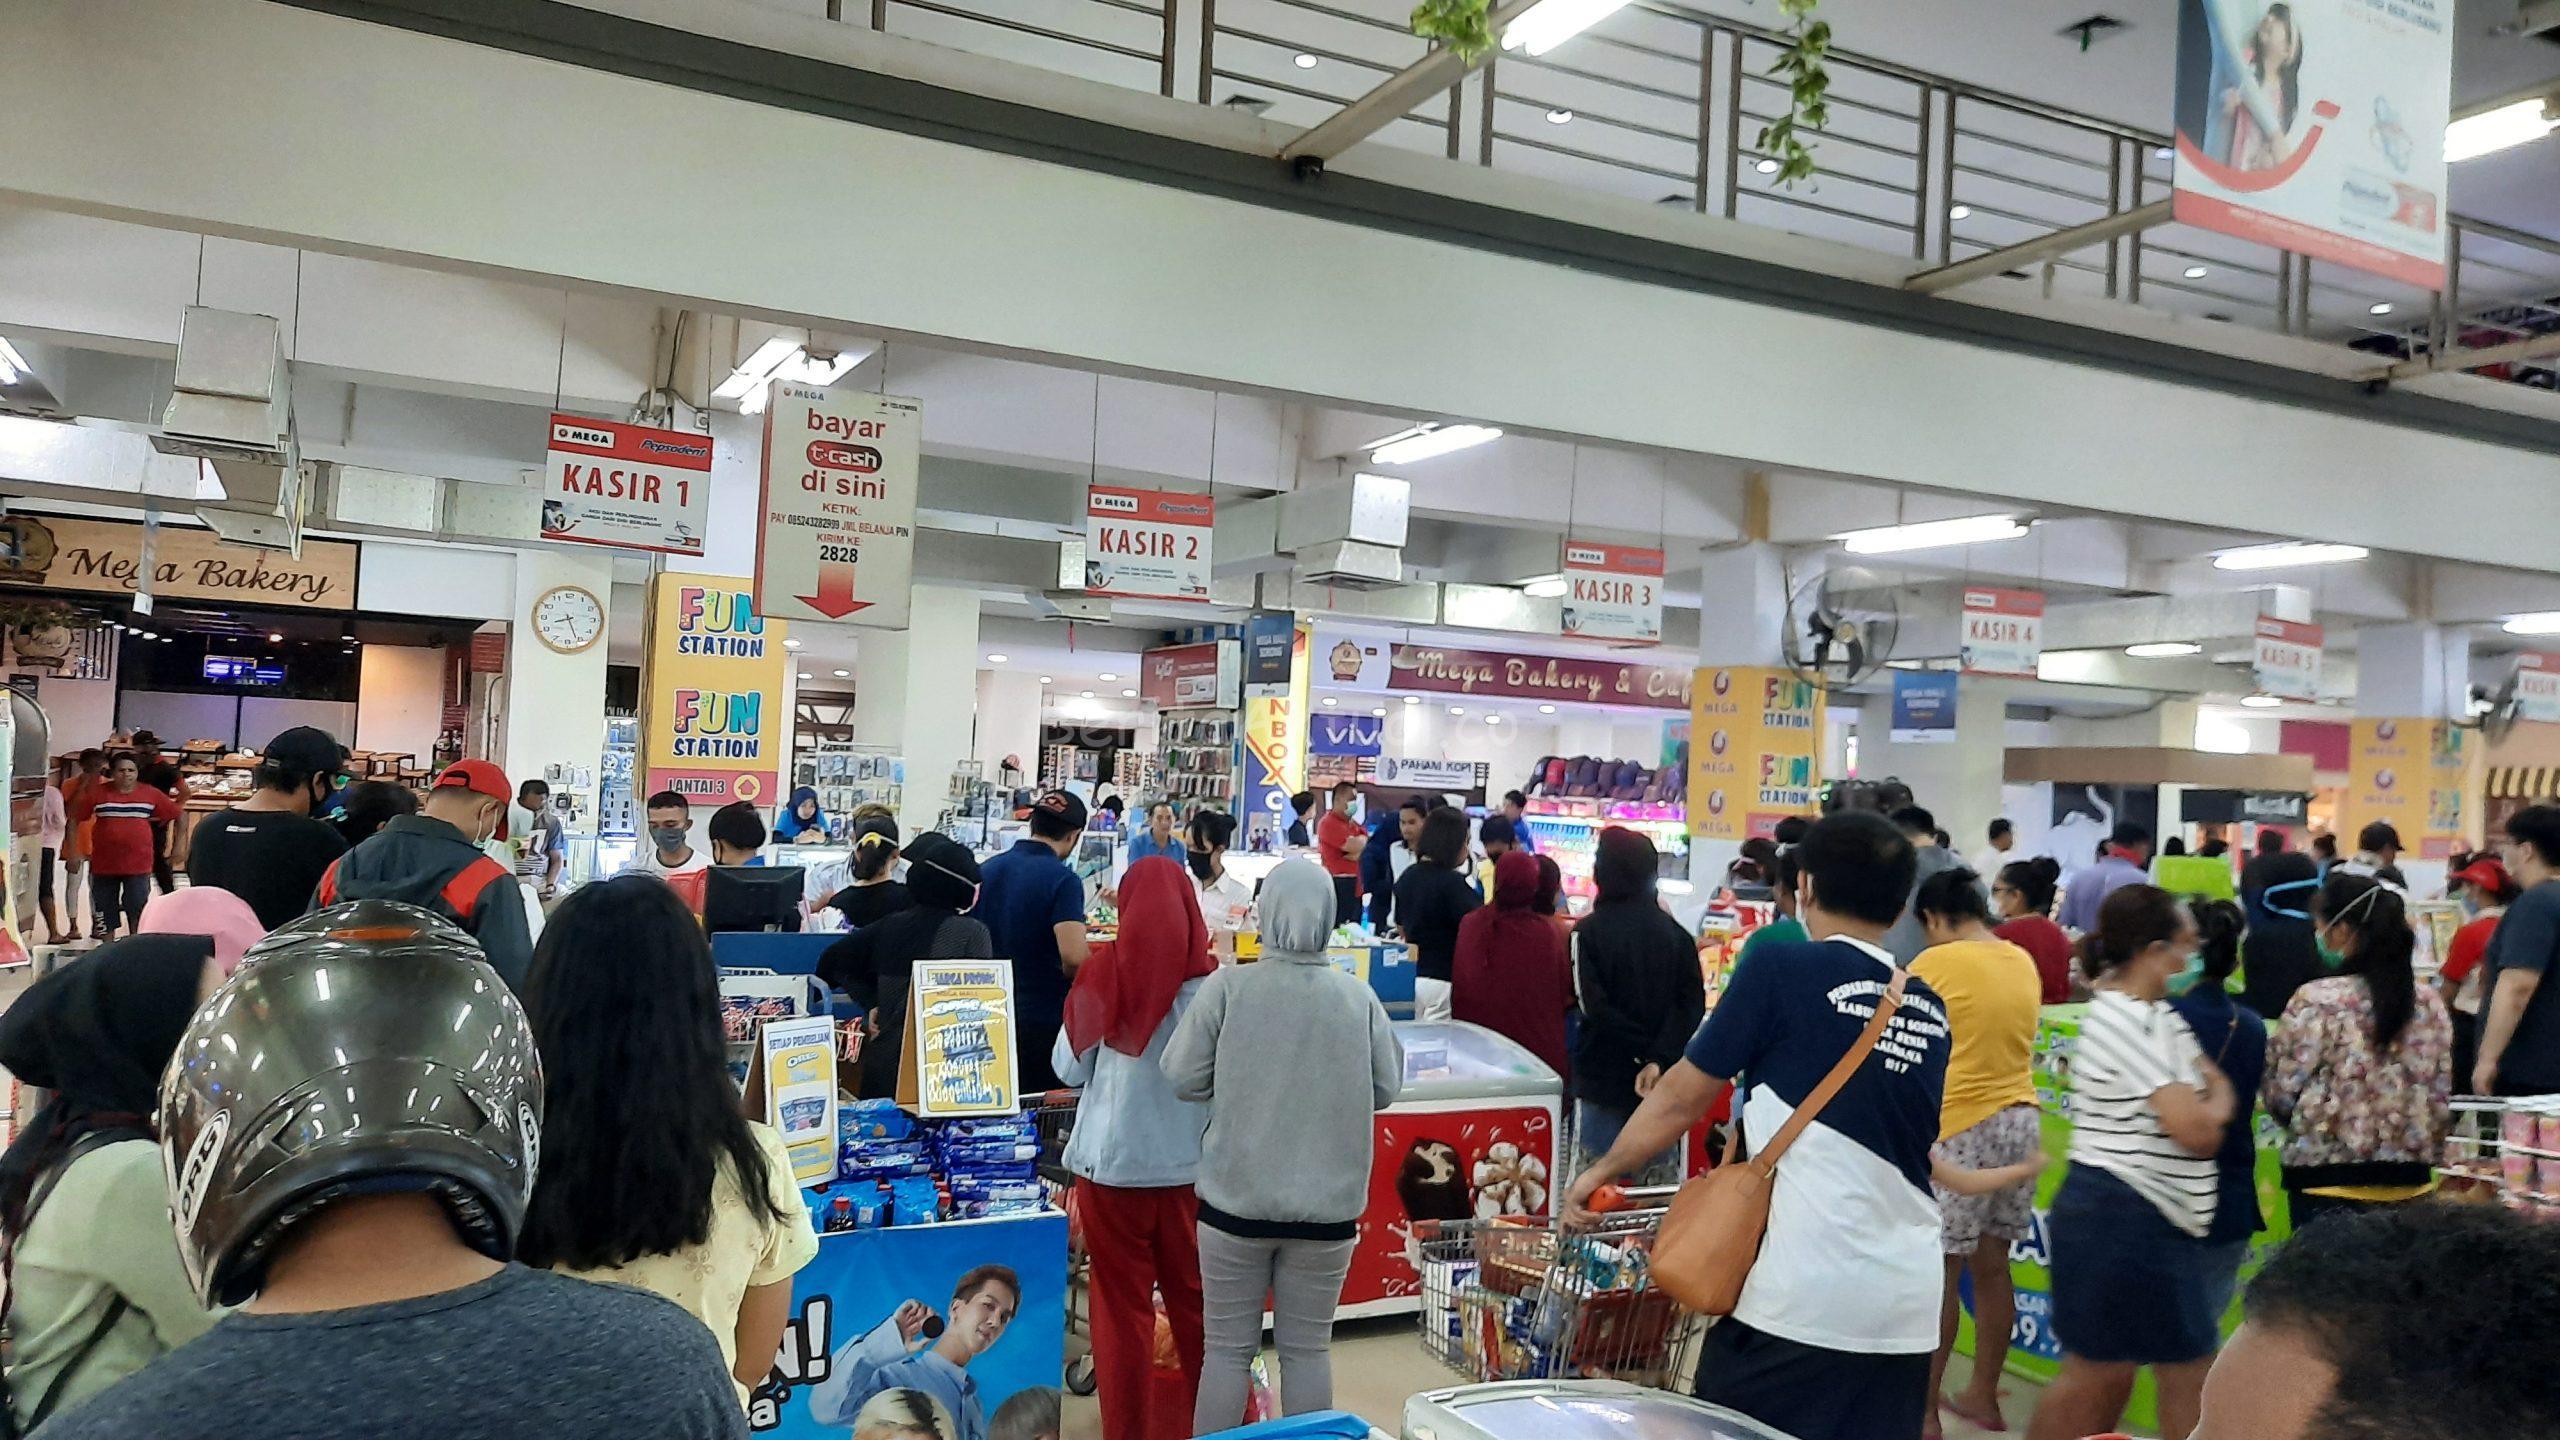 Info Kota Sorong Berhenti 3 Hari Belum Pasti, Namun Warga Terlanjur Padati Supermarket Dan Pasar Remu 3 20200408 202546 scaled